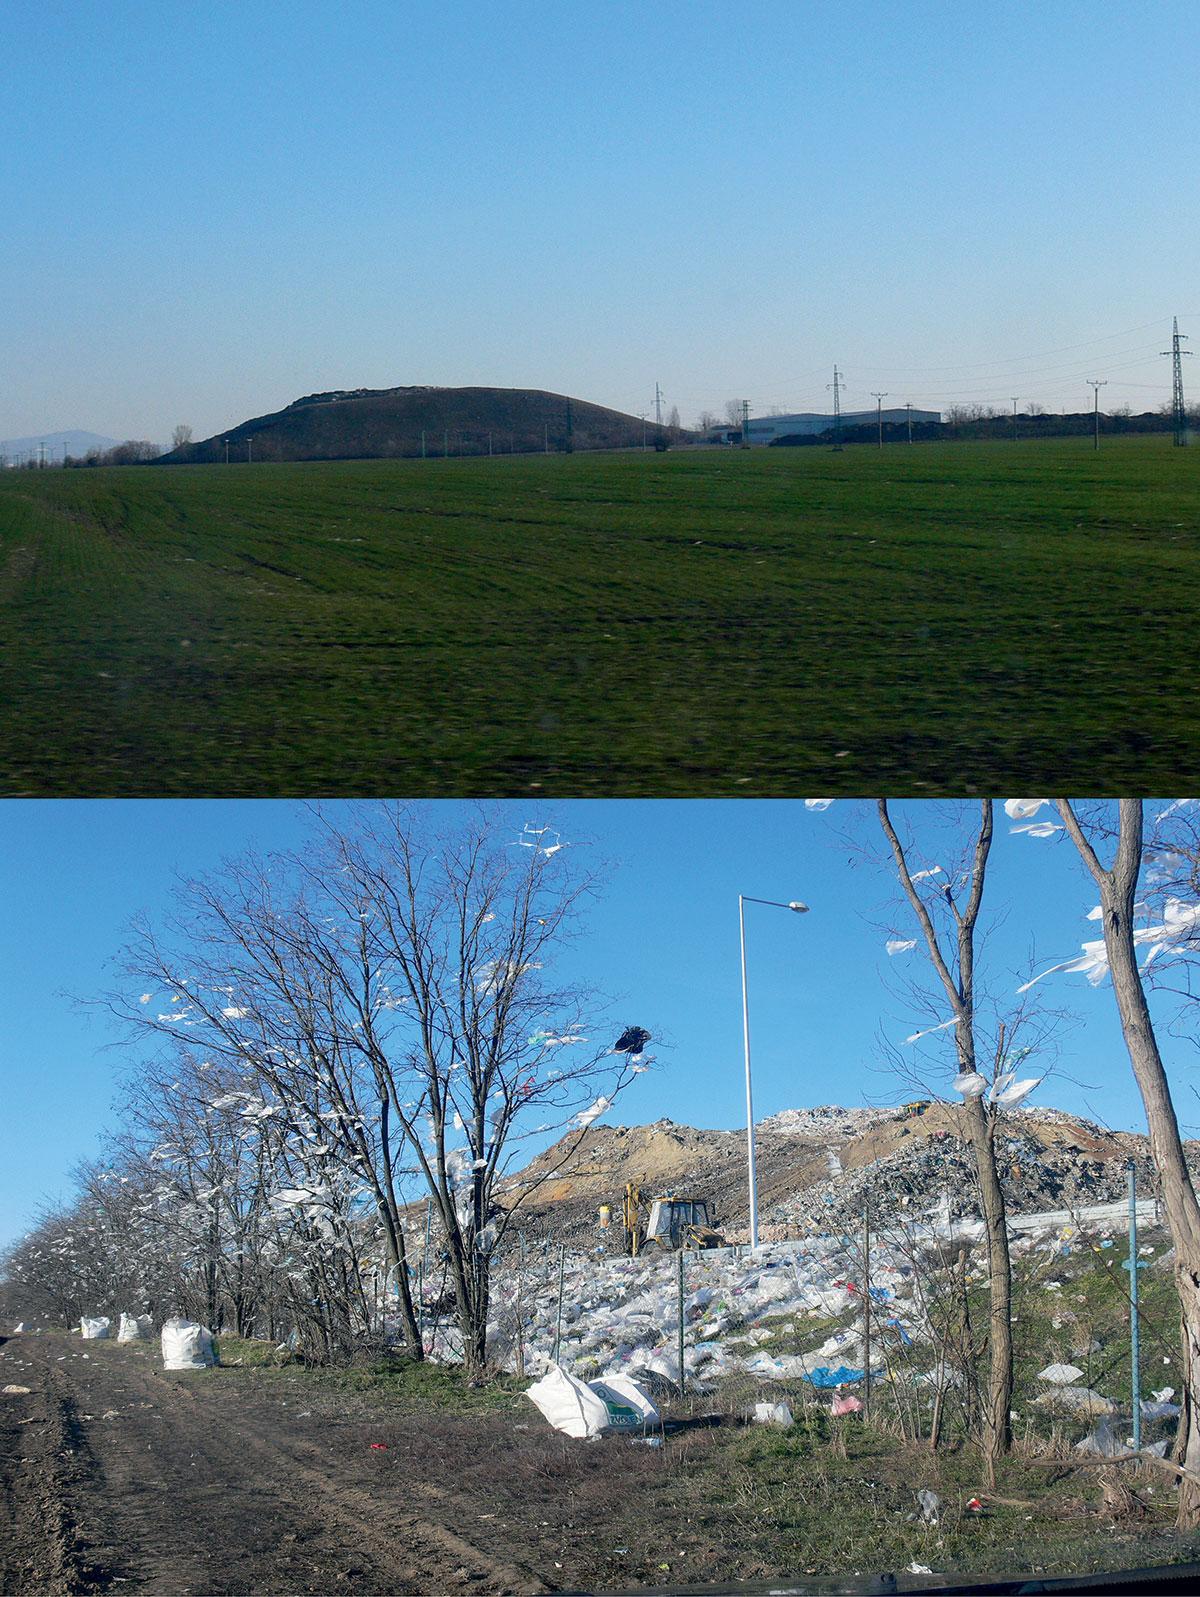 """Obr. 1 Smetisko pri Trnave (jediný kopec v jej okolí). Vrchná fotografia zachytáva pohľad z mesta, zemou zahrnutý """"krásny zelený kopec"""". Spodná fotografia zachytáva """"odvrátenú"""" stranu kopca, kde sa vyvážajú smeti – trnavský kopec stále rýchlo rastie. (zdroj: autor, 23. 2. 2019, 48°23'13.2""""N 17°38'10.4""""E)"""